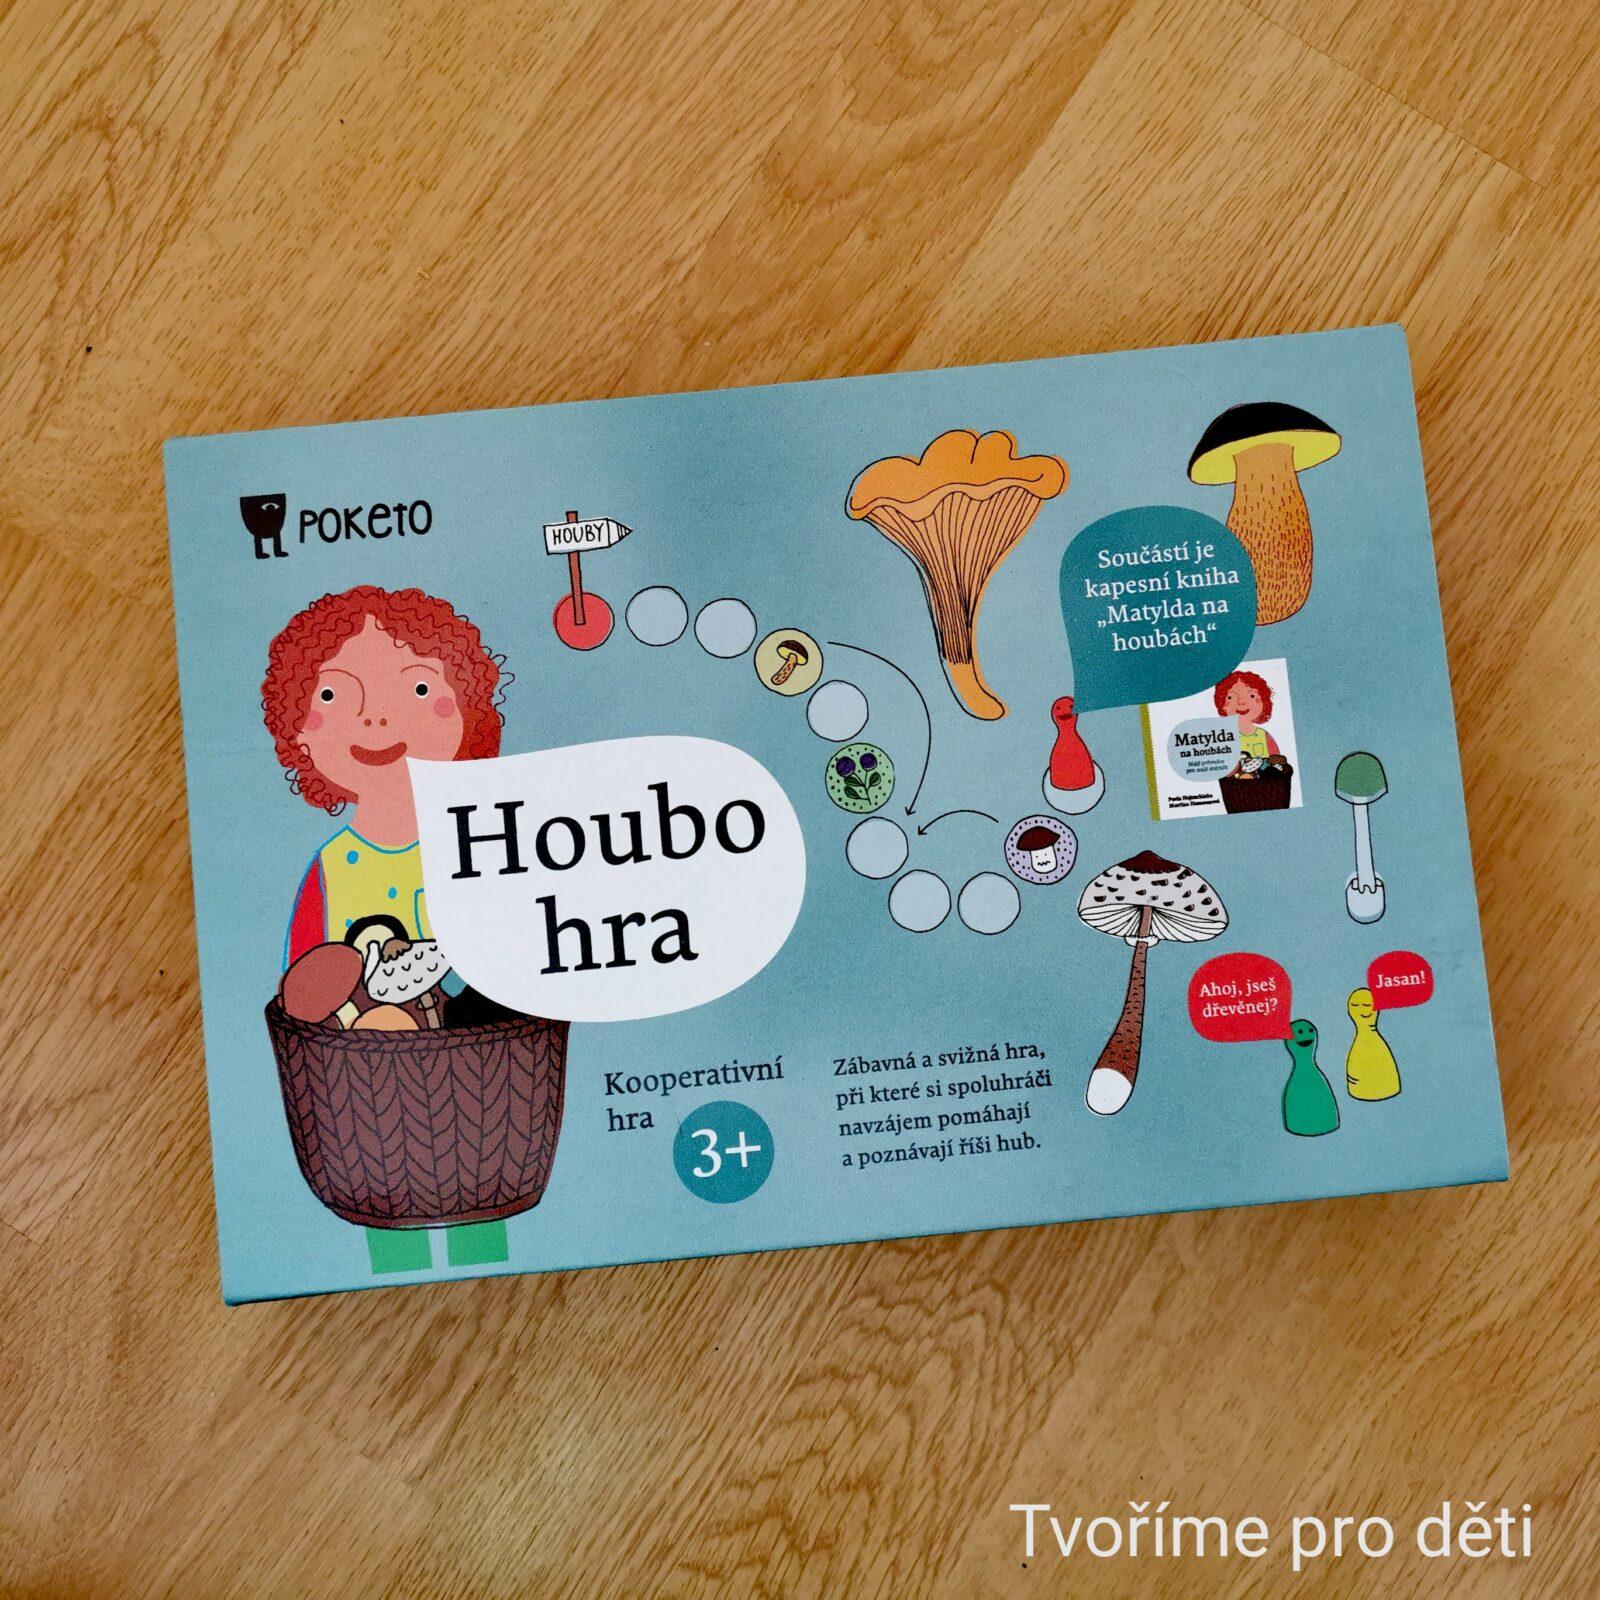 Houbohra